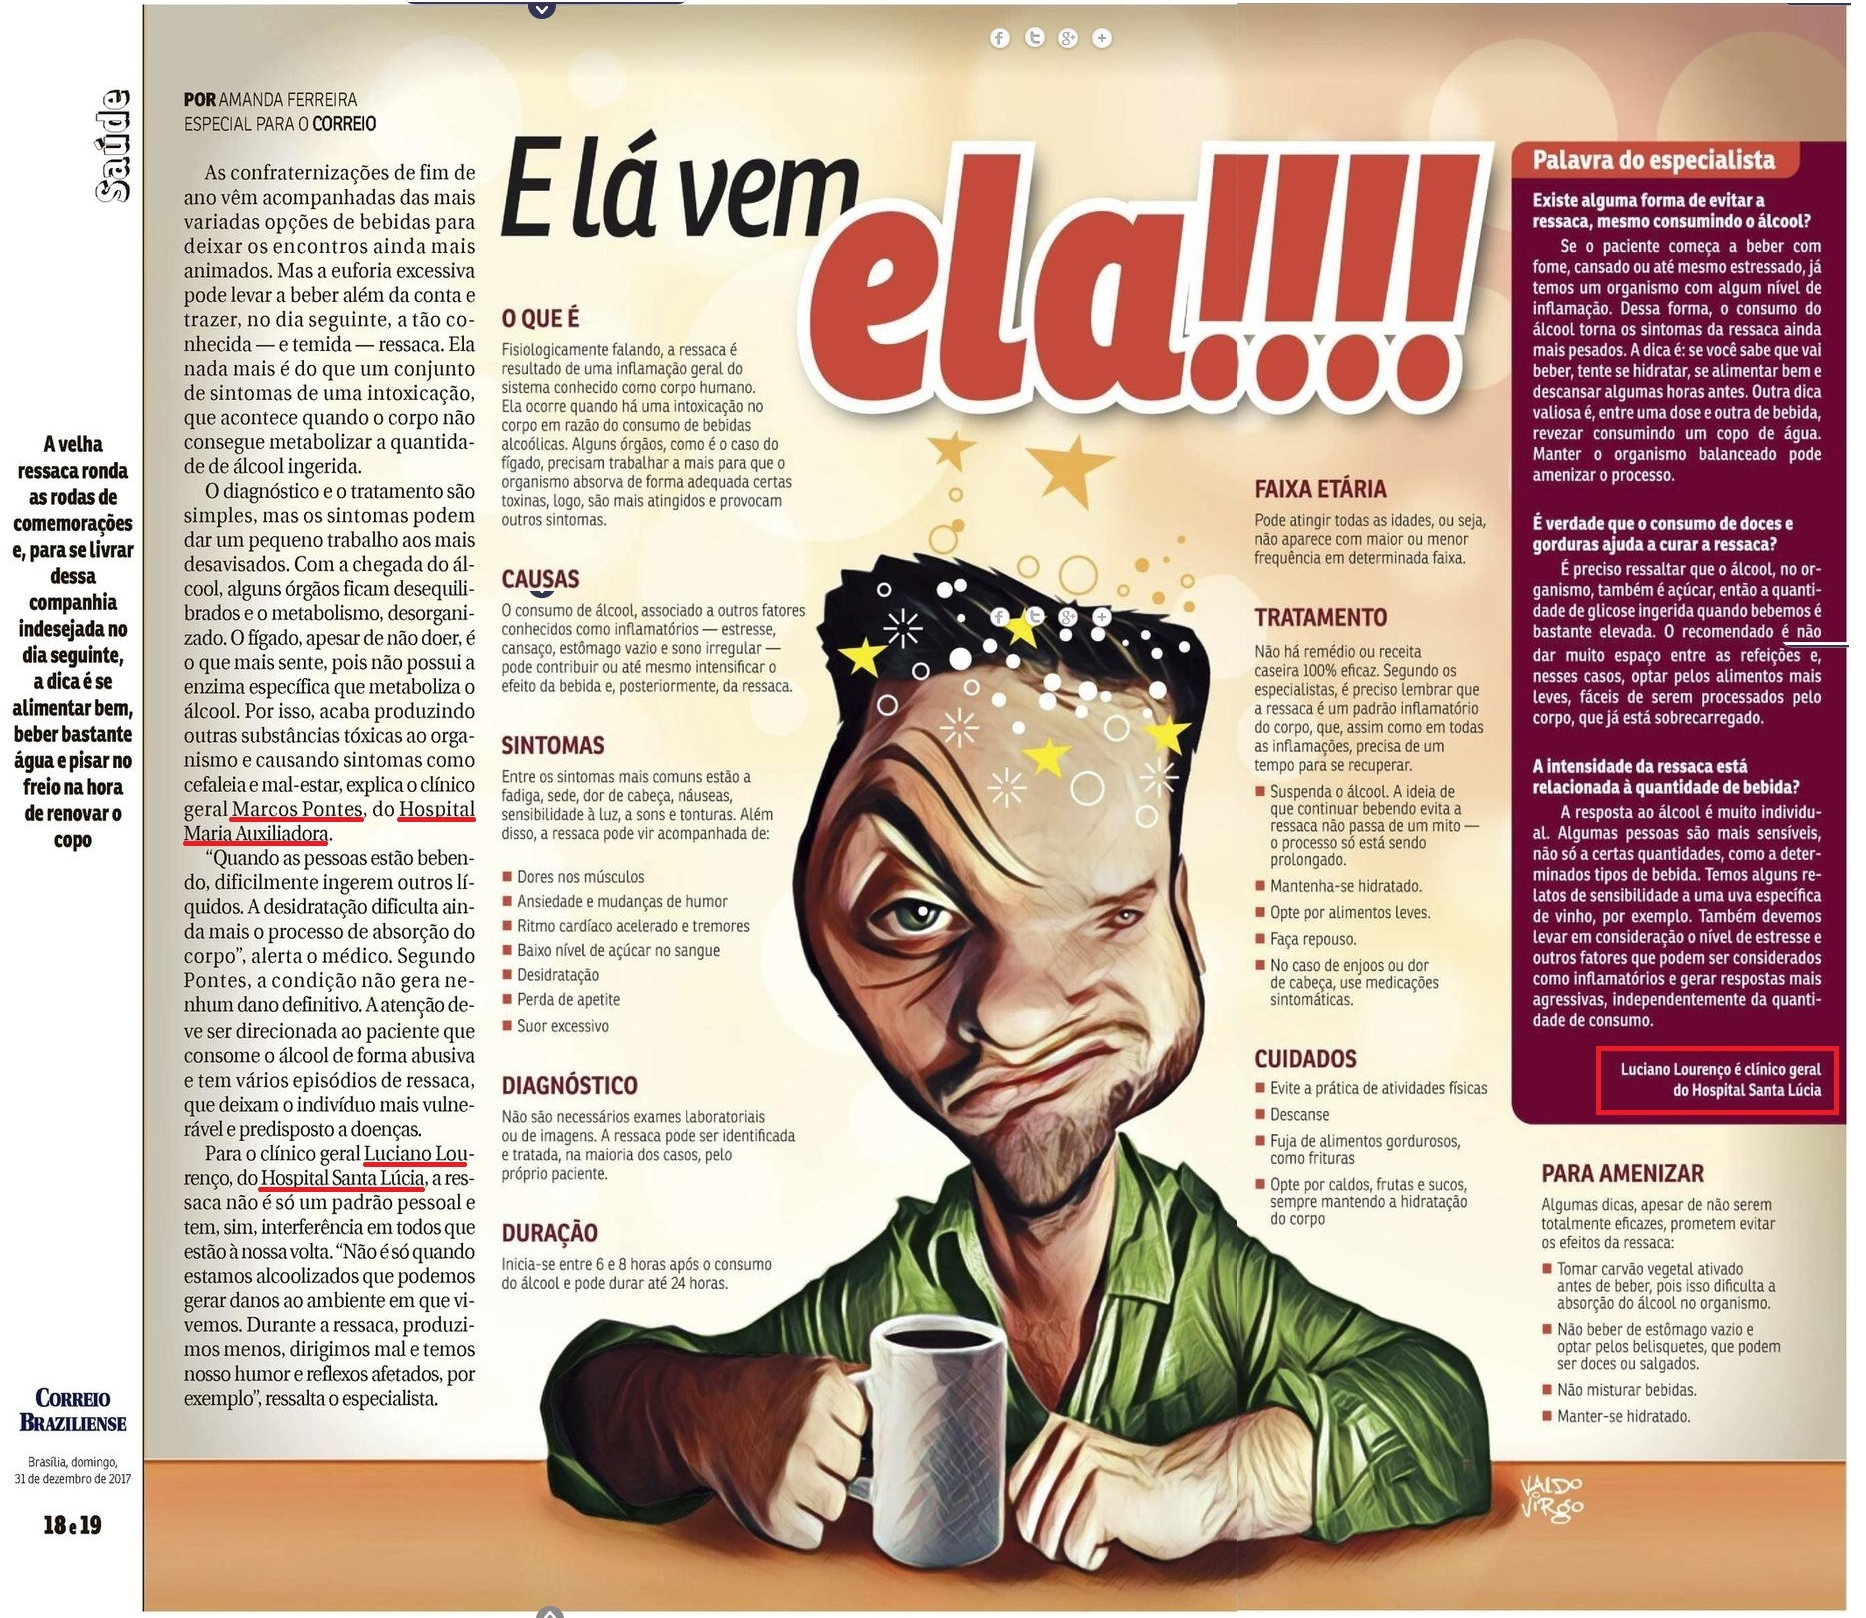 Revista do Correio - Dr. Luciano Lourenço HSL - 31-12-2017